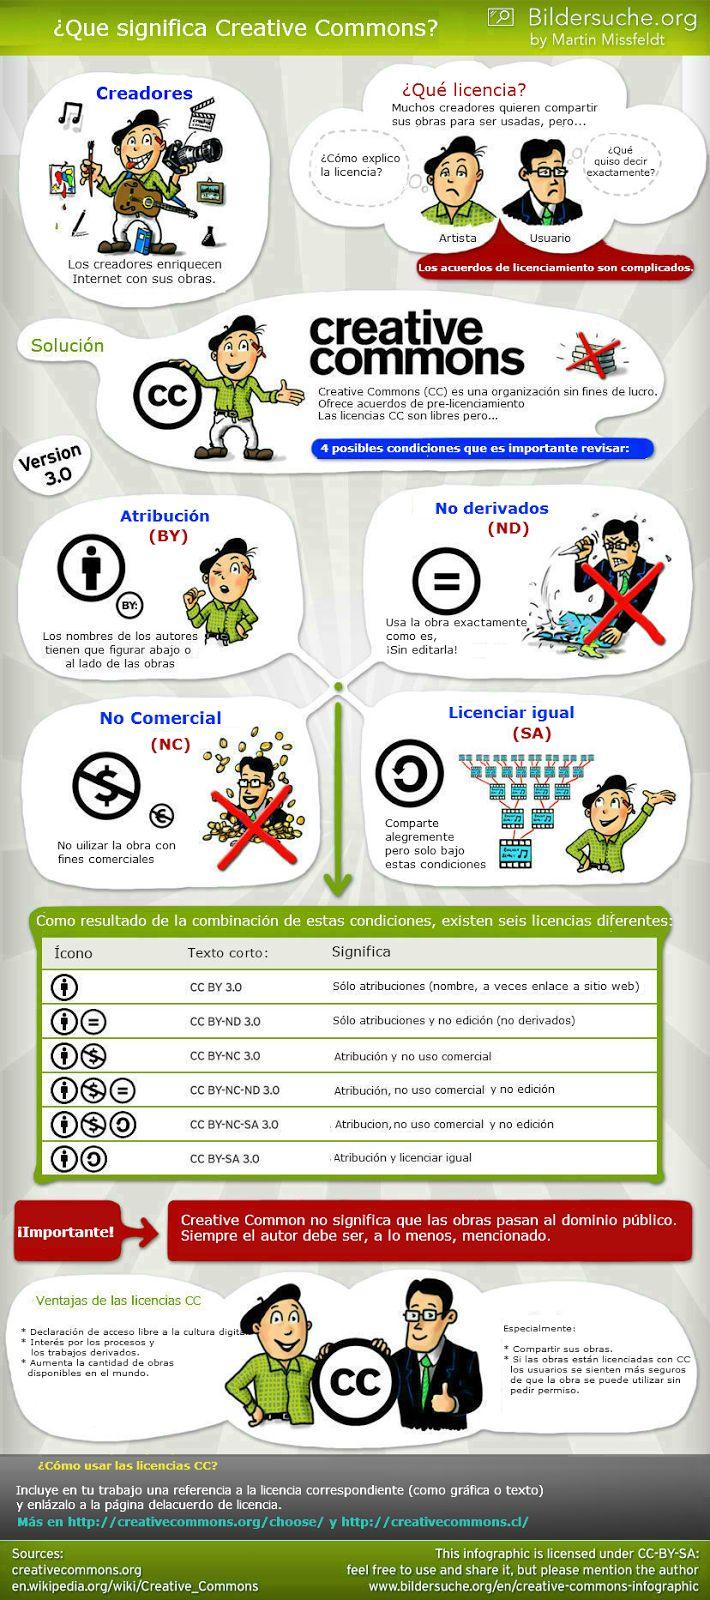 Coaching Y Ciberoptimismo: ¿Qué son las Creative Commons?